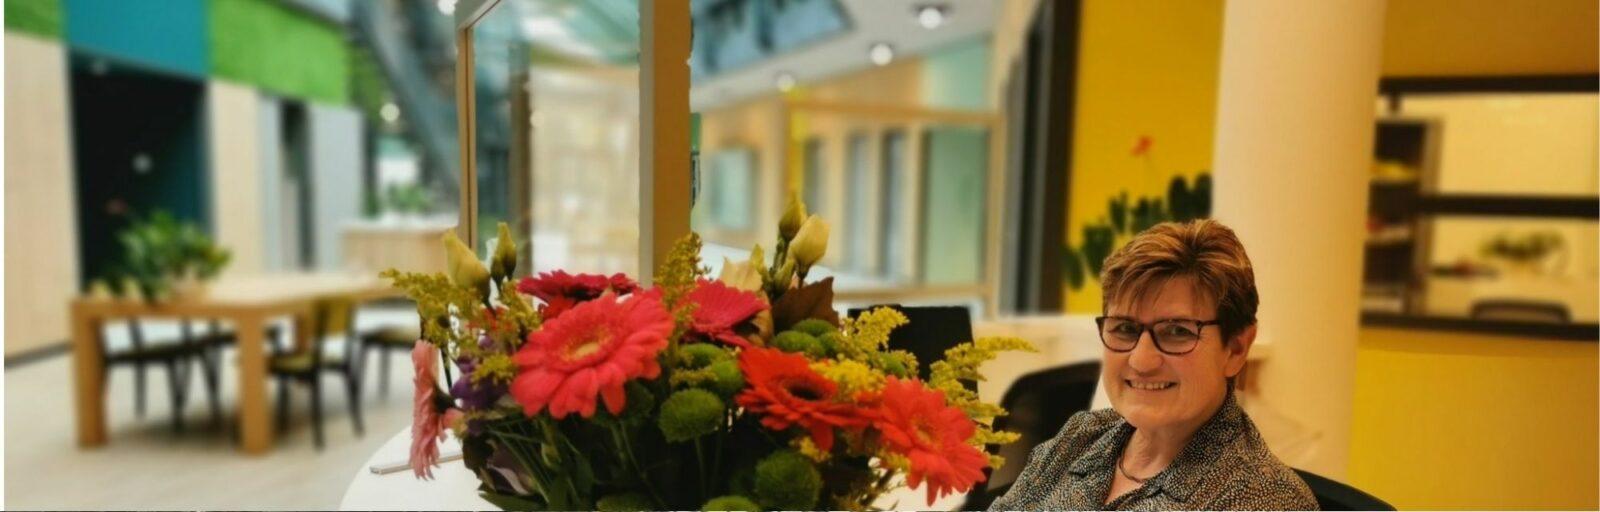 Office manager Agnes kijkt blij achter de balie met bloemen